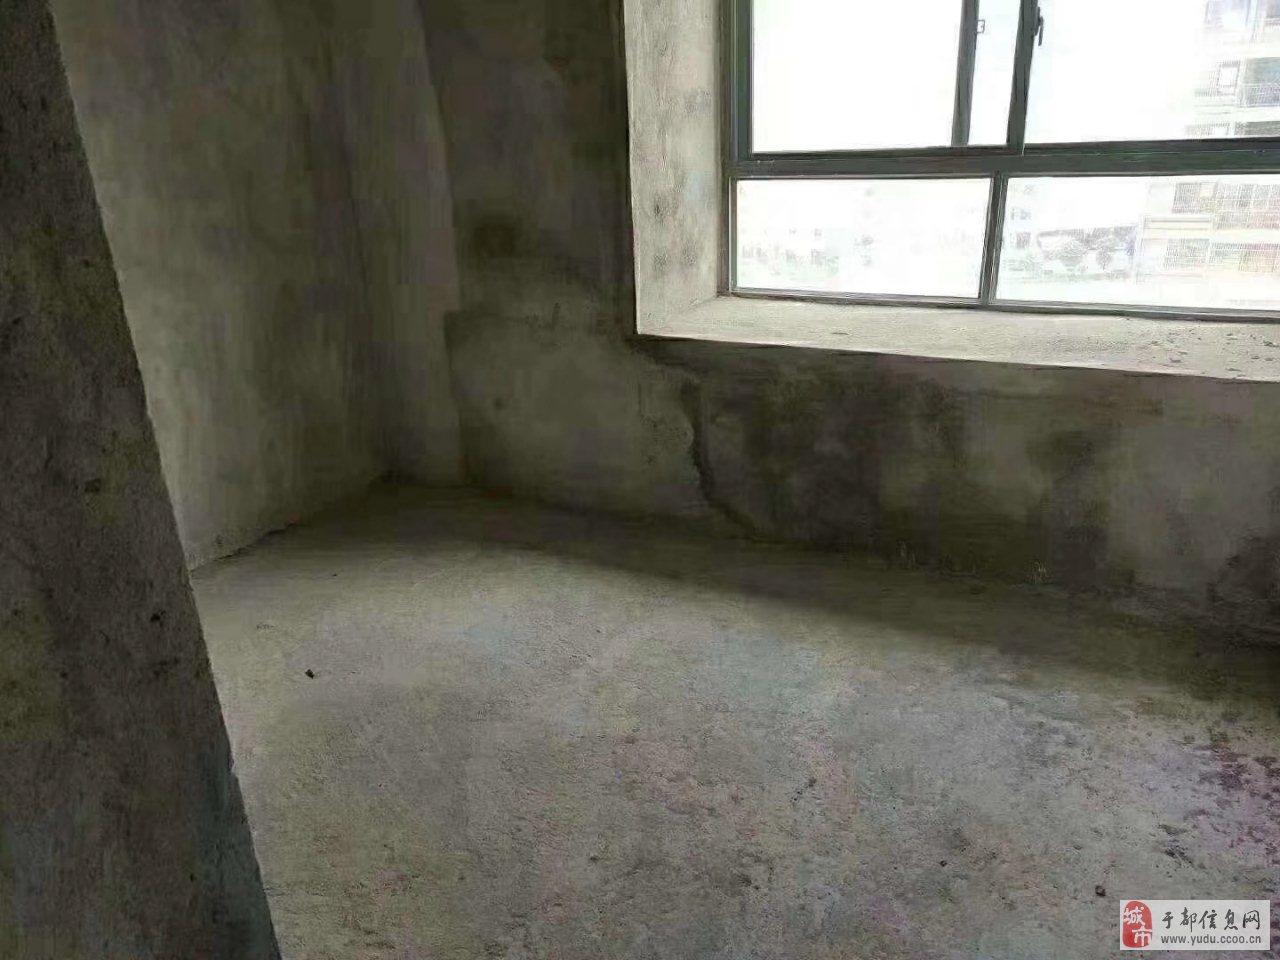 錦繡嘉園毛坯房首付20萬3室2廳2衛85萬元